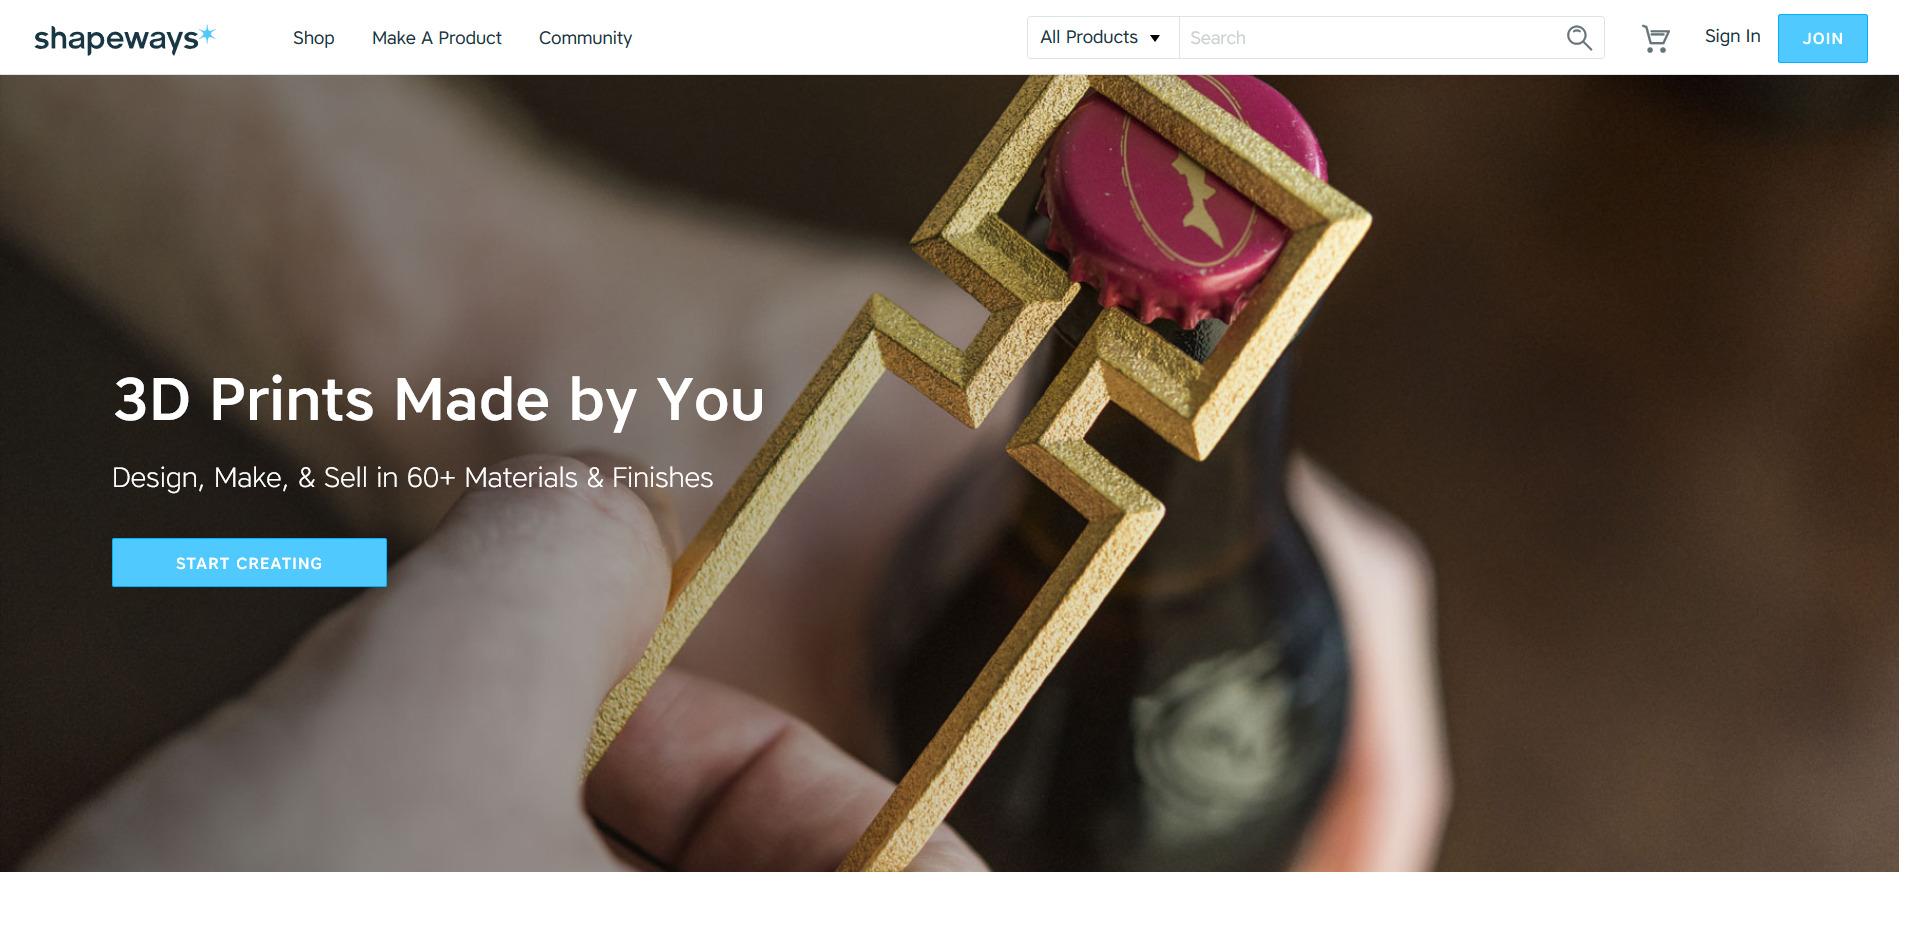 3D drucken lassen auf Shapeways - Startseite des Service